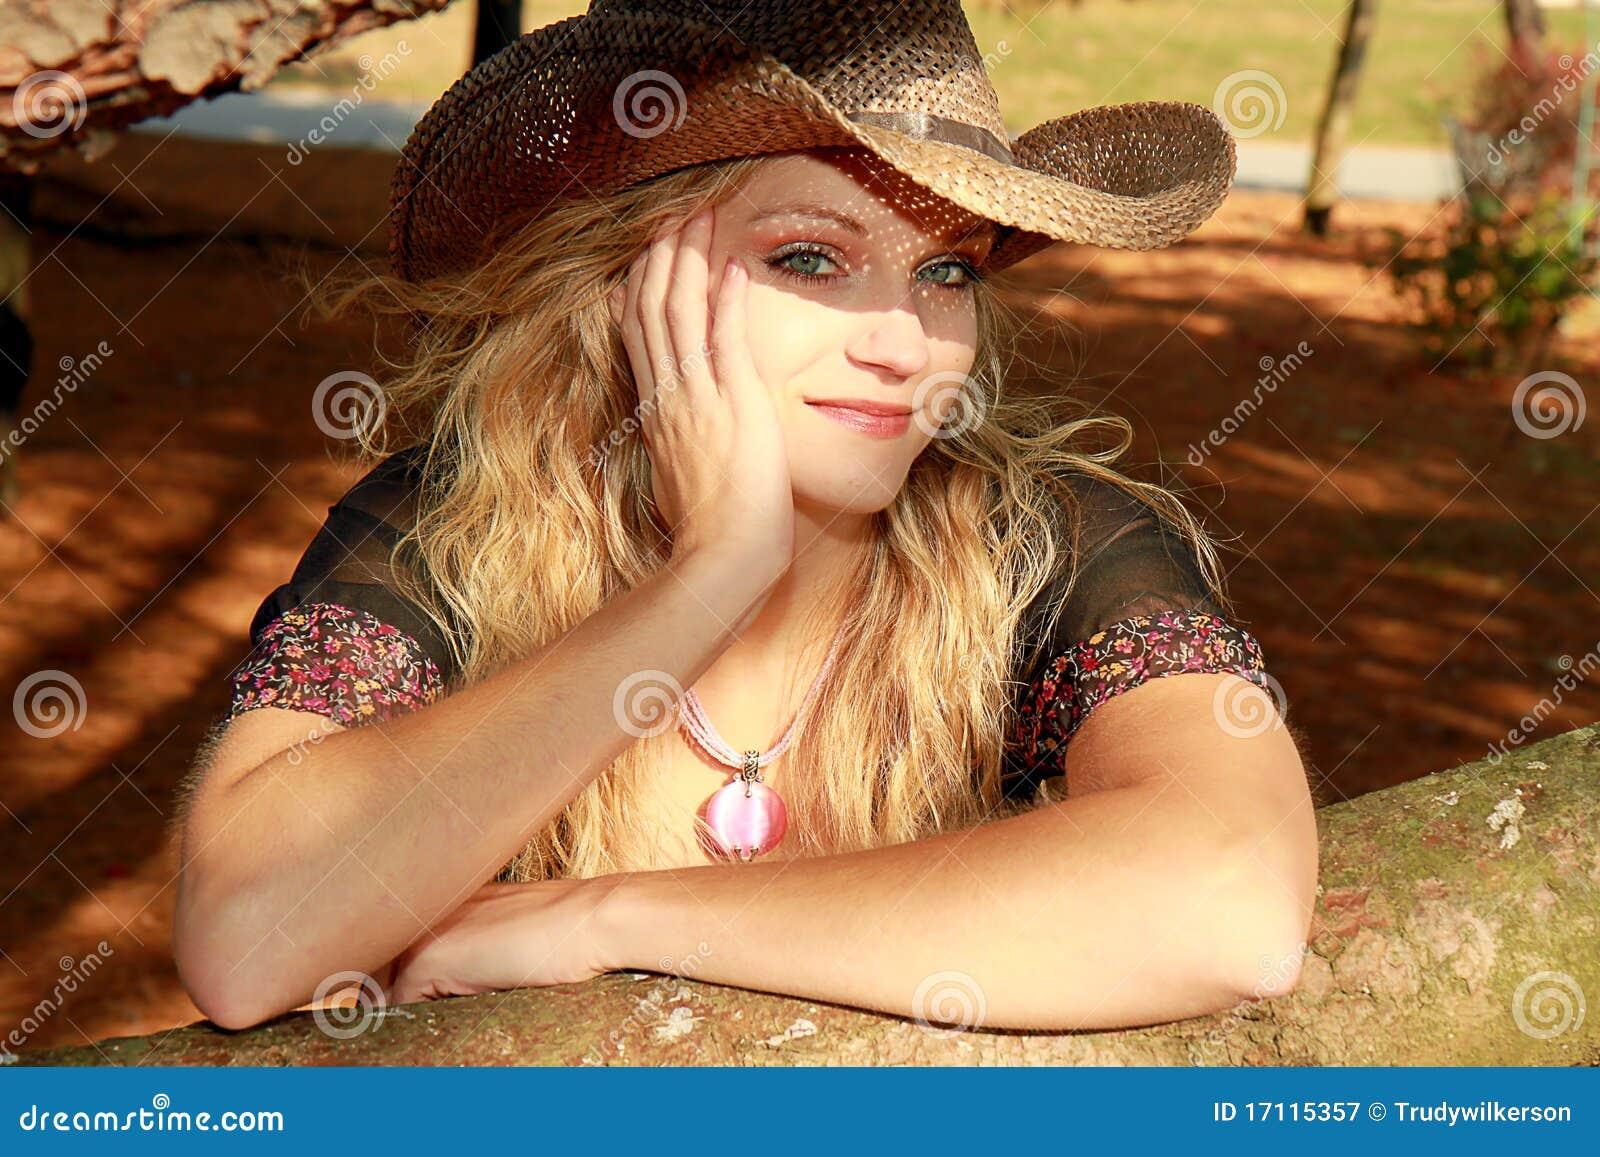 Девушка в ковбойском стиле фото